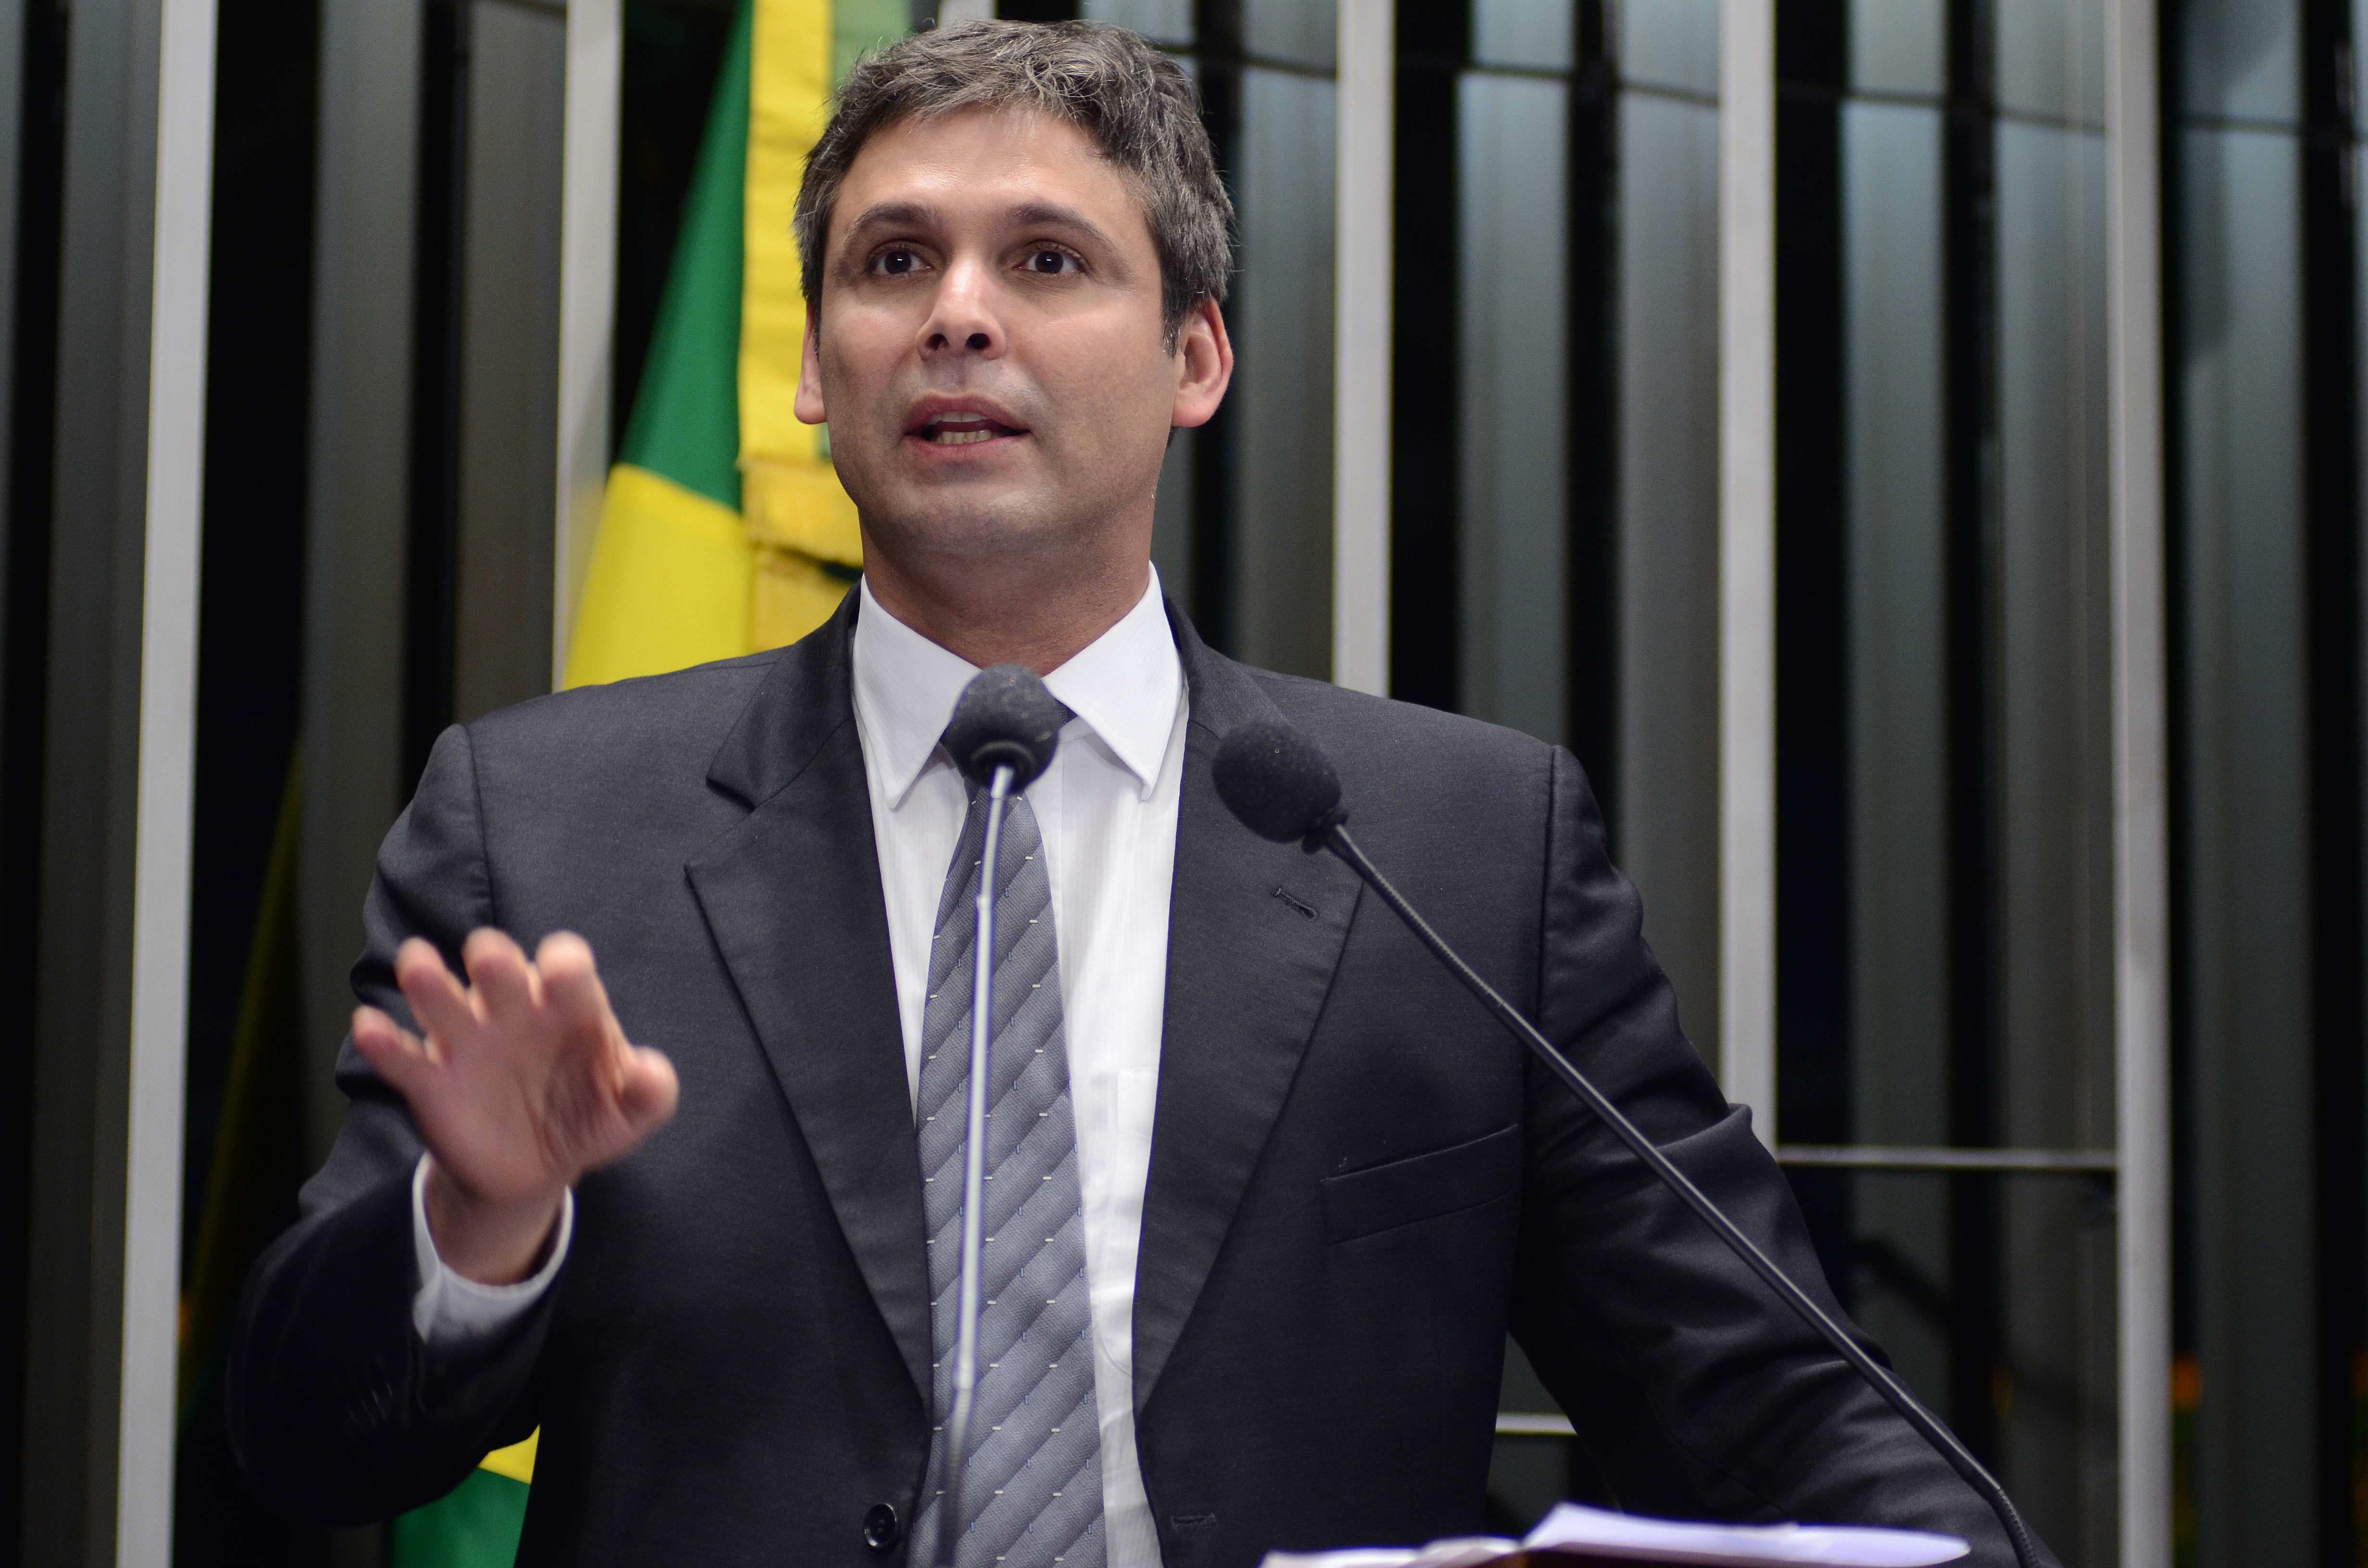 Foro de Efe analizará mañana el panorama electoral de Brasil de cara a 2014